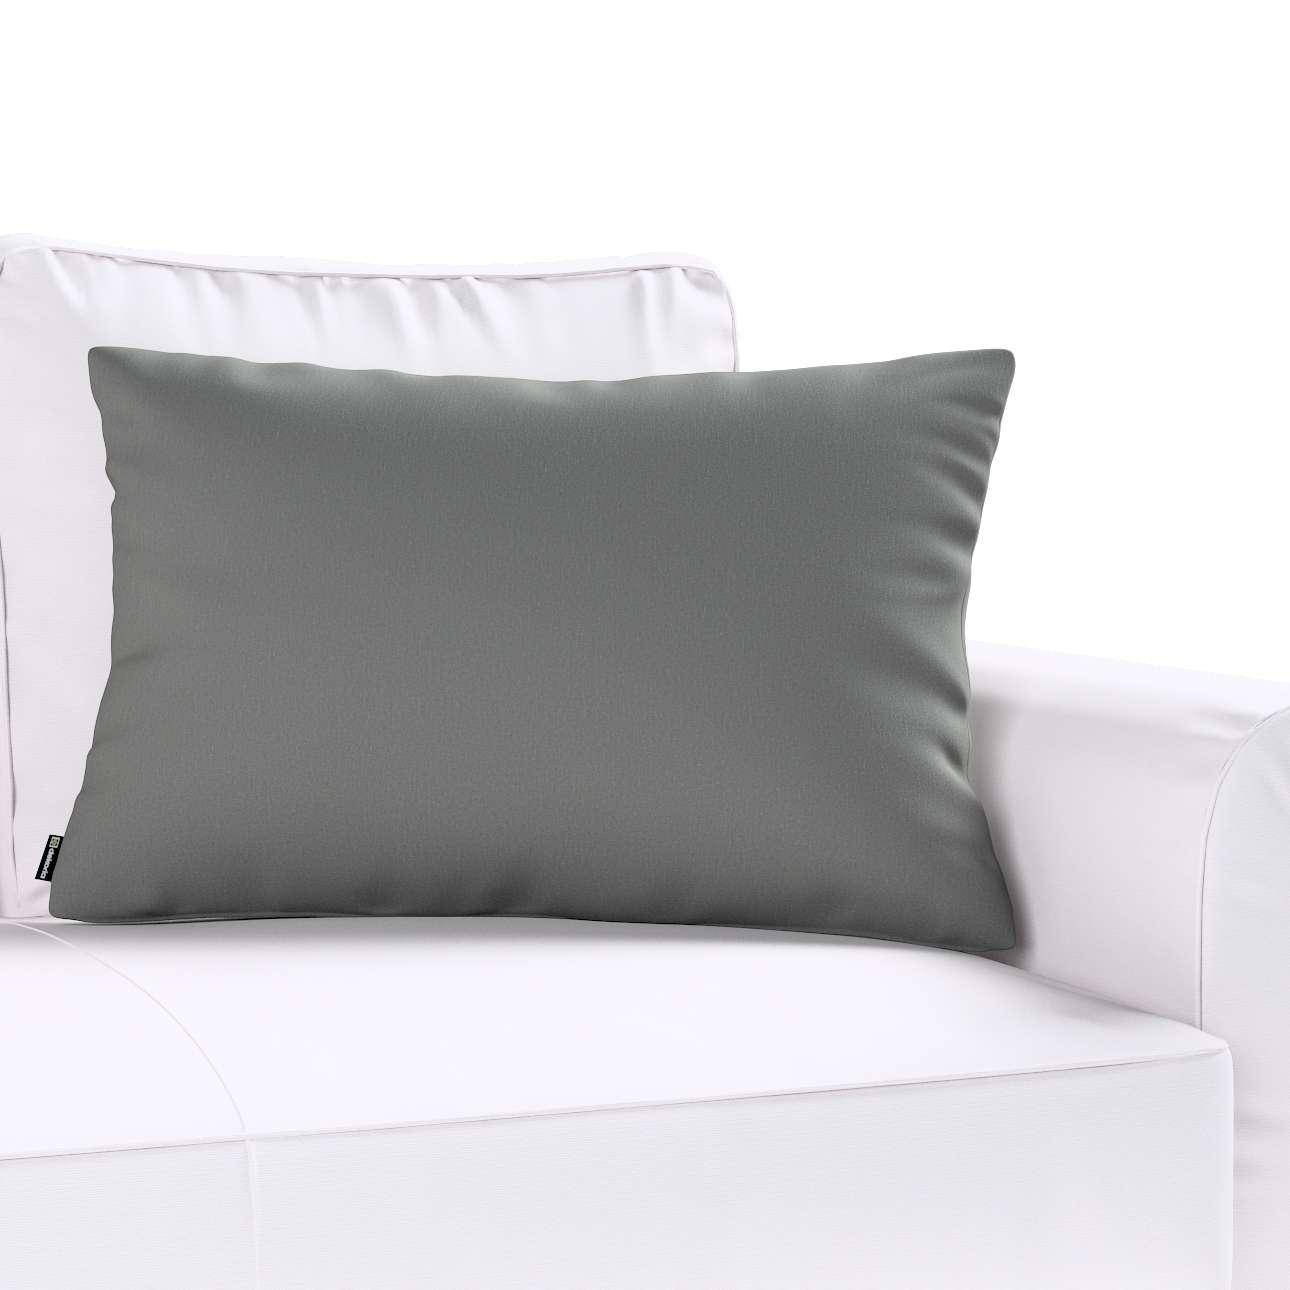 Kinga dekoratyvinės pagalvėlės užvalkalas 60x40cm 60x40cm kolekcijoje Quadro, audinys: 136-14